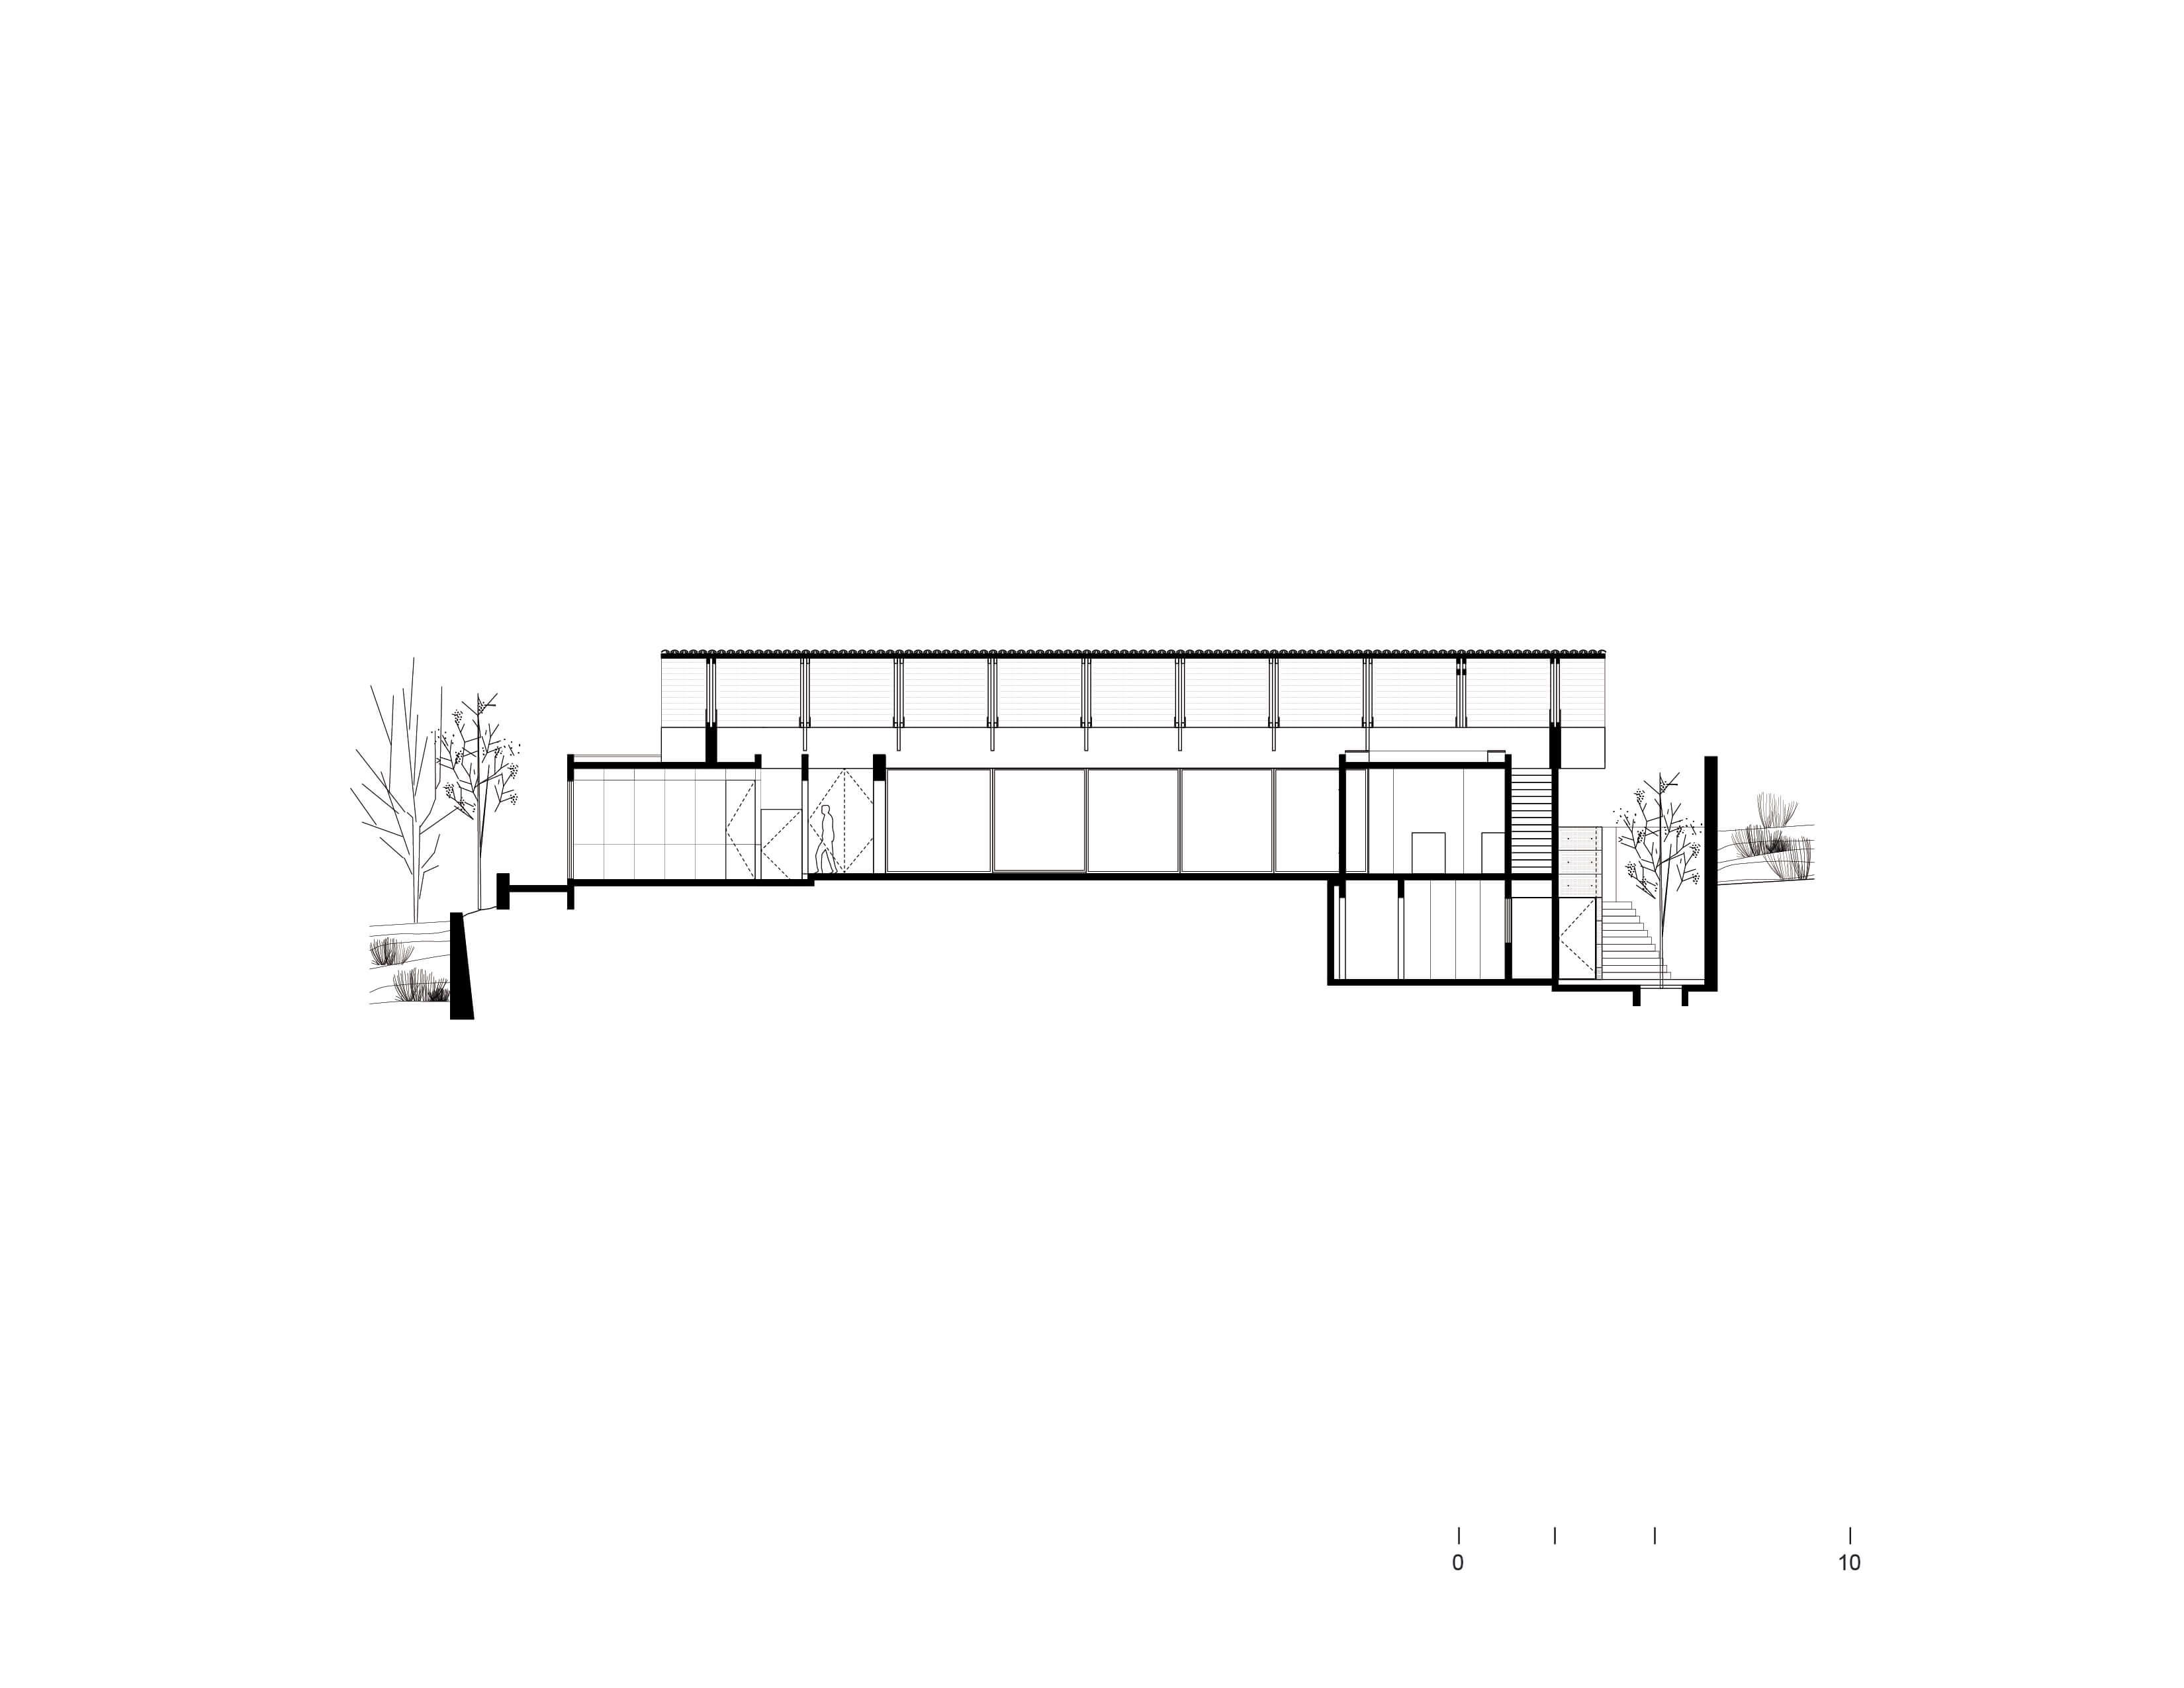 Section 02 Bernardo Quinzaños, Ignacio Urquiza, Centro de Colaboración Arquitectónica}